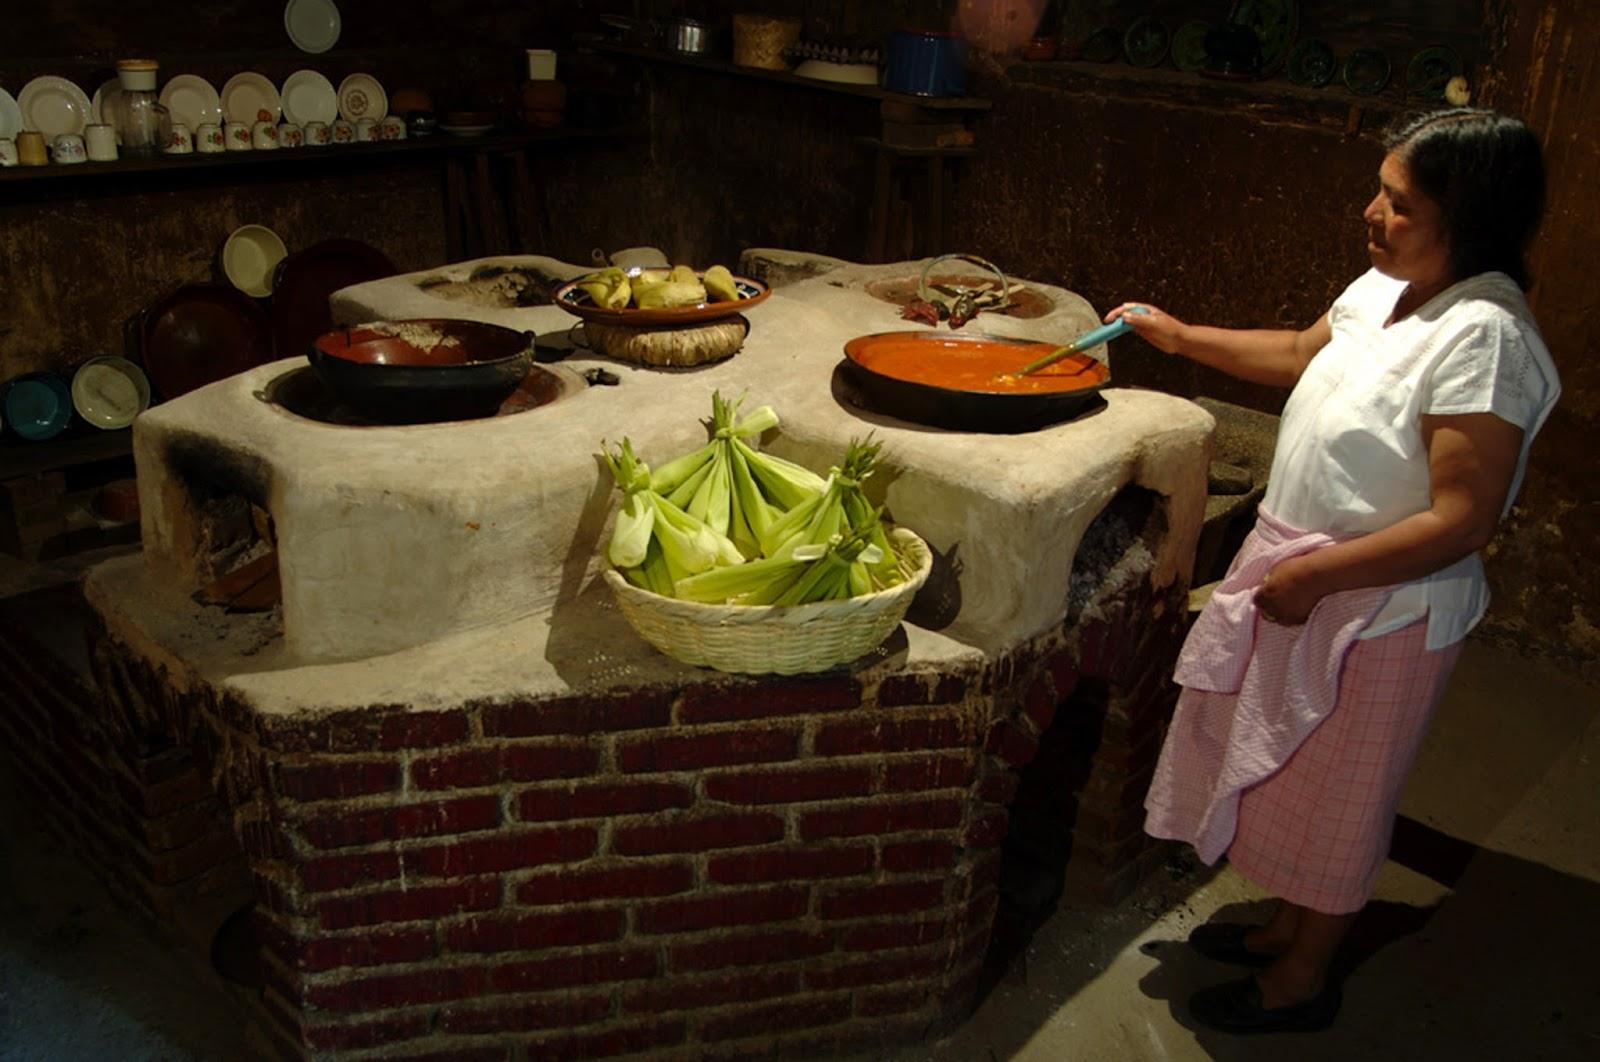 Ruta Pixelia La Cocina Mexicana Patrimonio inmaterial de